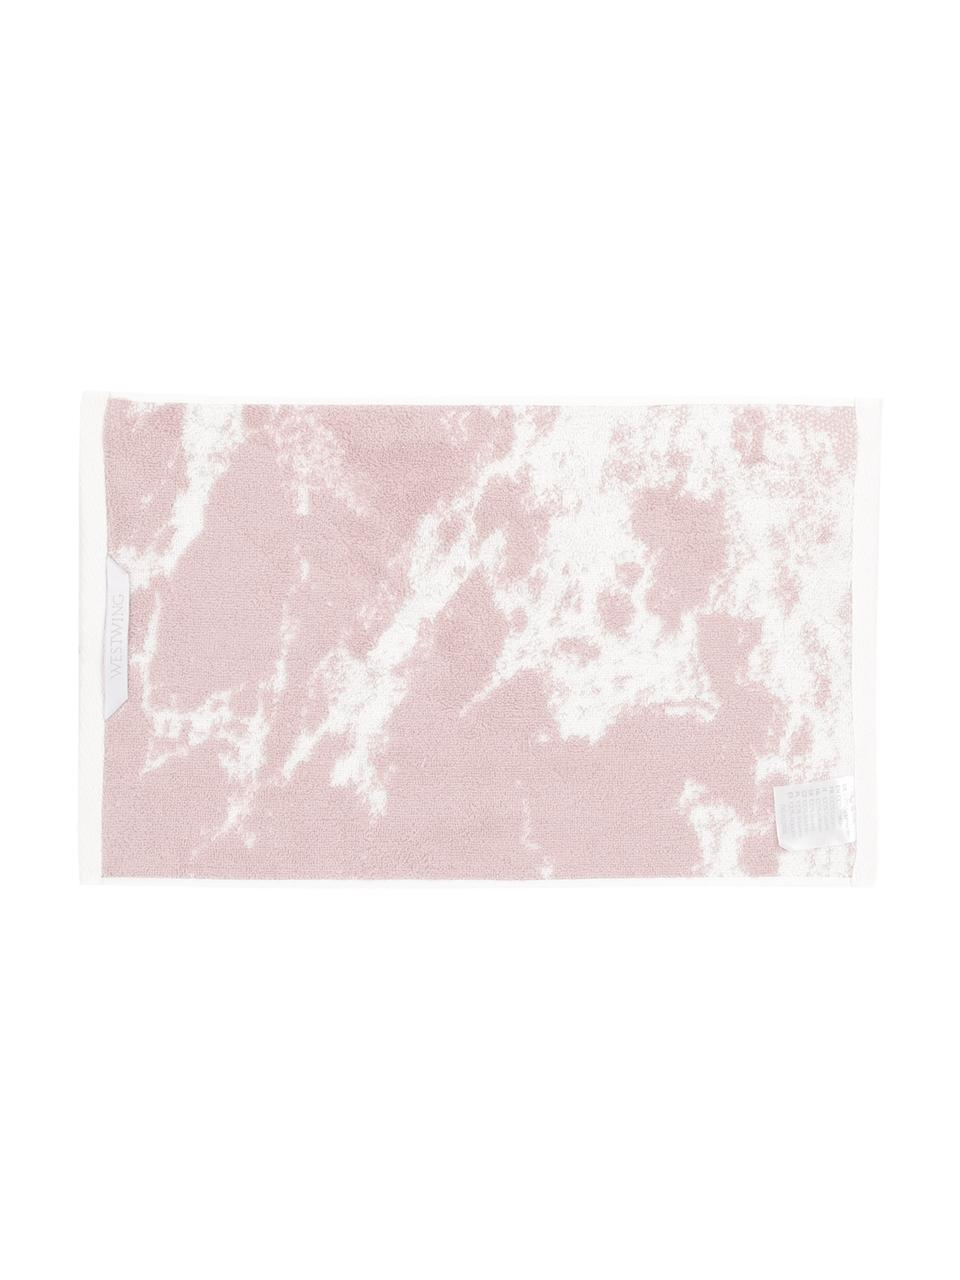 Handtuch Malin in verschiedenen Größen, mit Marmor-Print, Rosa, Cremeweiß, Gästehandtuch